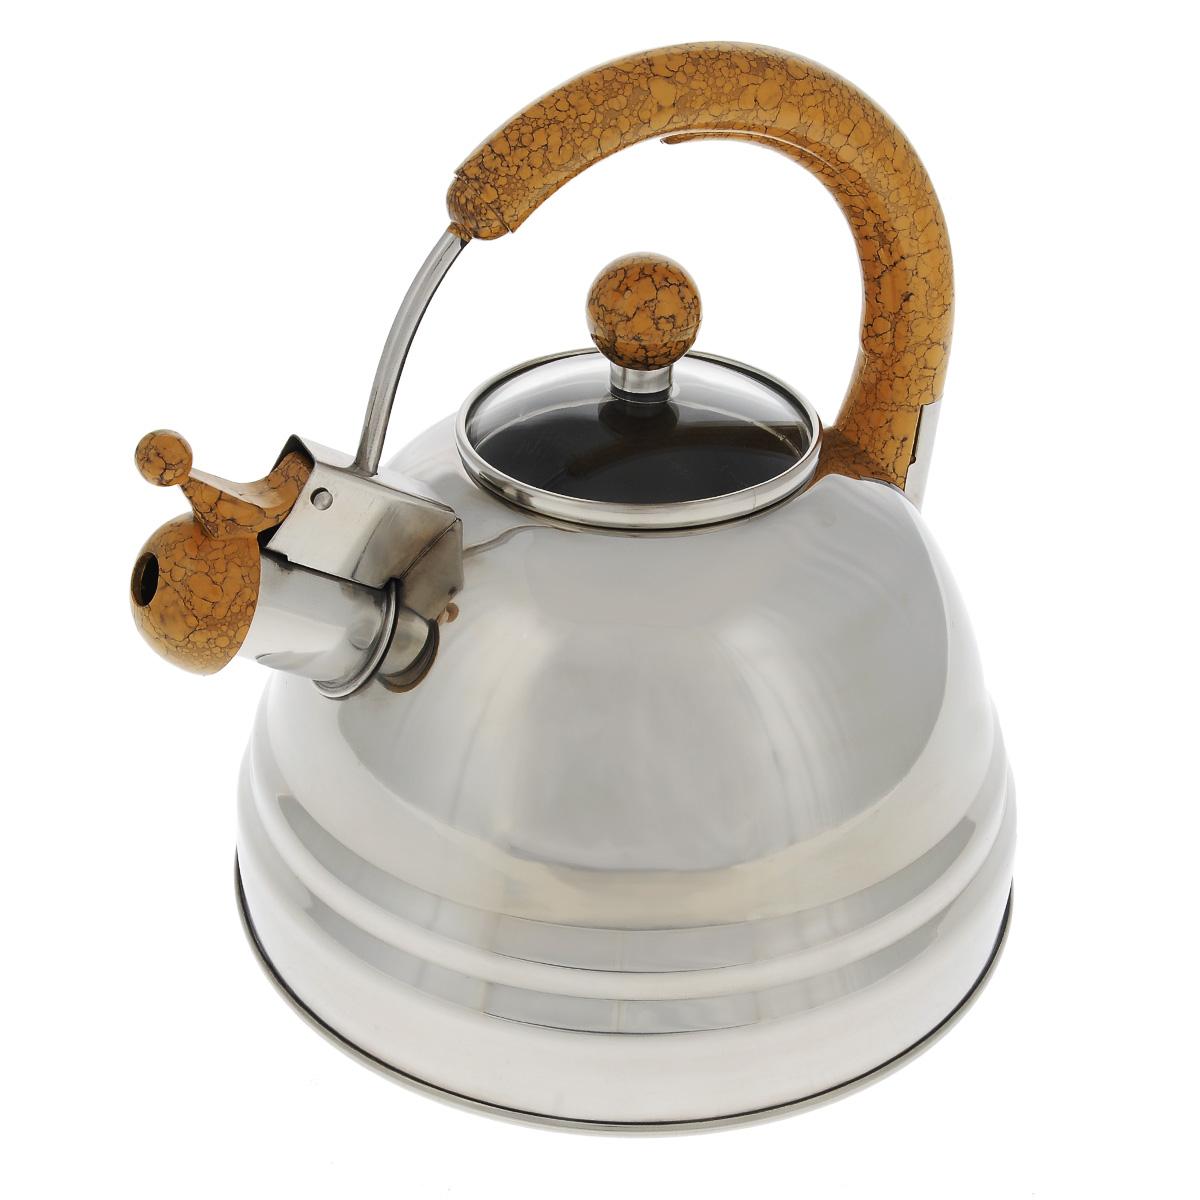 Чайник Bekker Koch со свистком, цвет: коричневый, 3 л. BK-S368BK-S368Чайник Bekker Koch изготовлен из высококачественной нержавеющей стали 18/10 с зеркальной полировкой. Капсулированное дно распределяет тепло по всей поверхности, что позволяет чайнику быстро закипать. Эргономичная фиксированная ручка выполнена из бакелита коричневого цвета под мрамор. Крышка изготовлена из жаростойкого стекла. Носик оснащен откидным свистком, который подскажет, когда вода закипела. Свисток открывается и закрывается с помощью рычага на носике. Подходит для всех типов плит, кроме индукционных. Можно мыть в посудомоечной машине.